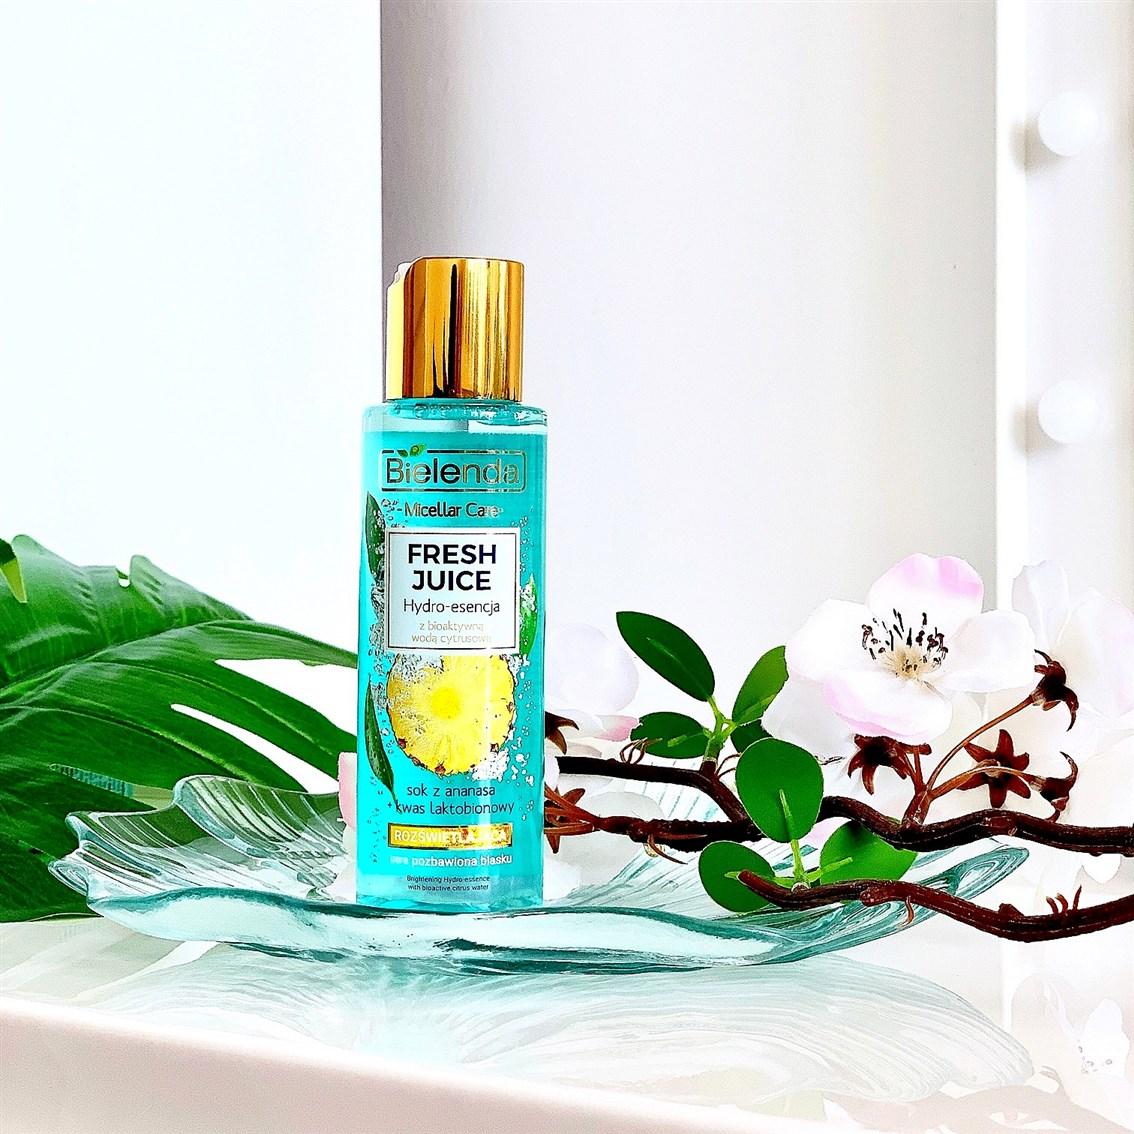 Bielenda Fresh Juice rozświetlająca hydro-esencja z bioaktywną wodą cytrusową ananas opinie